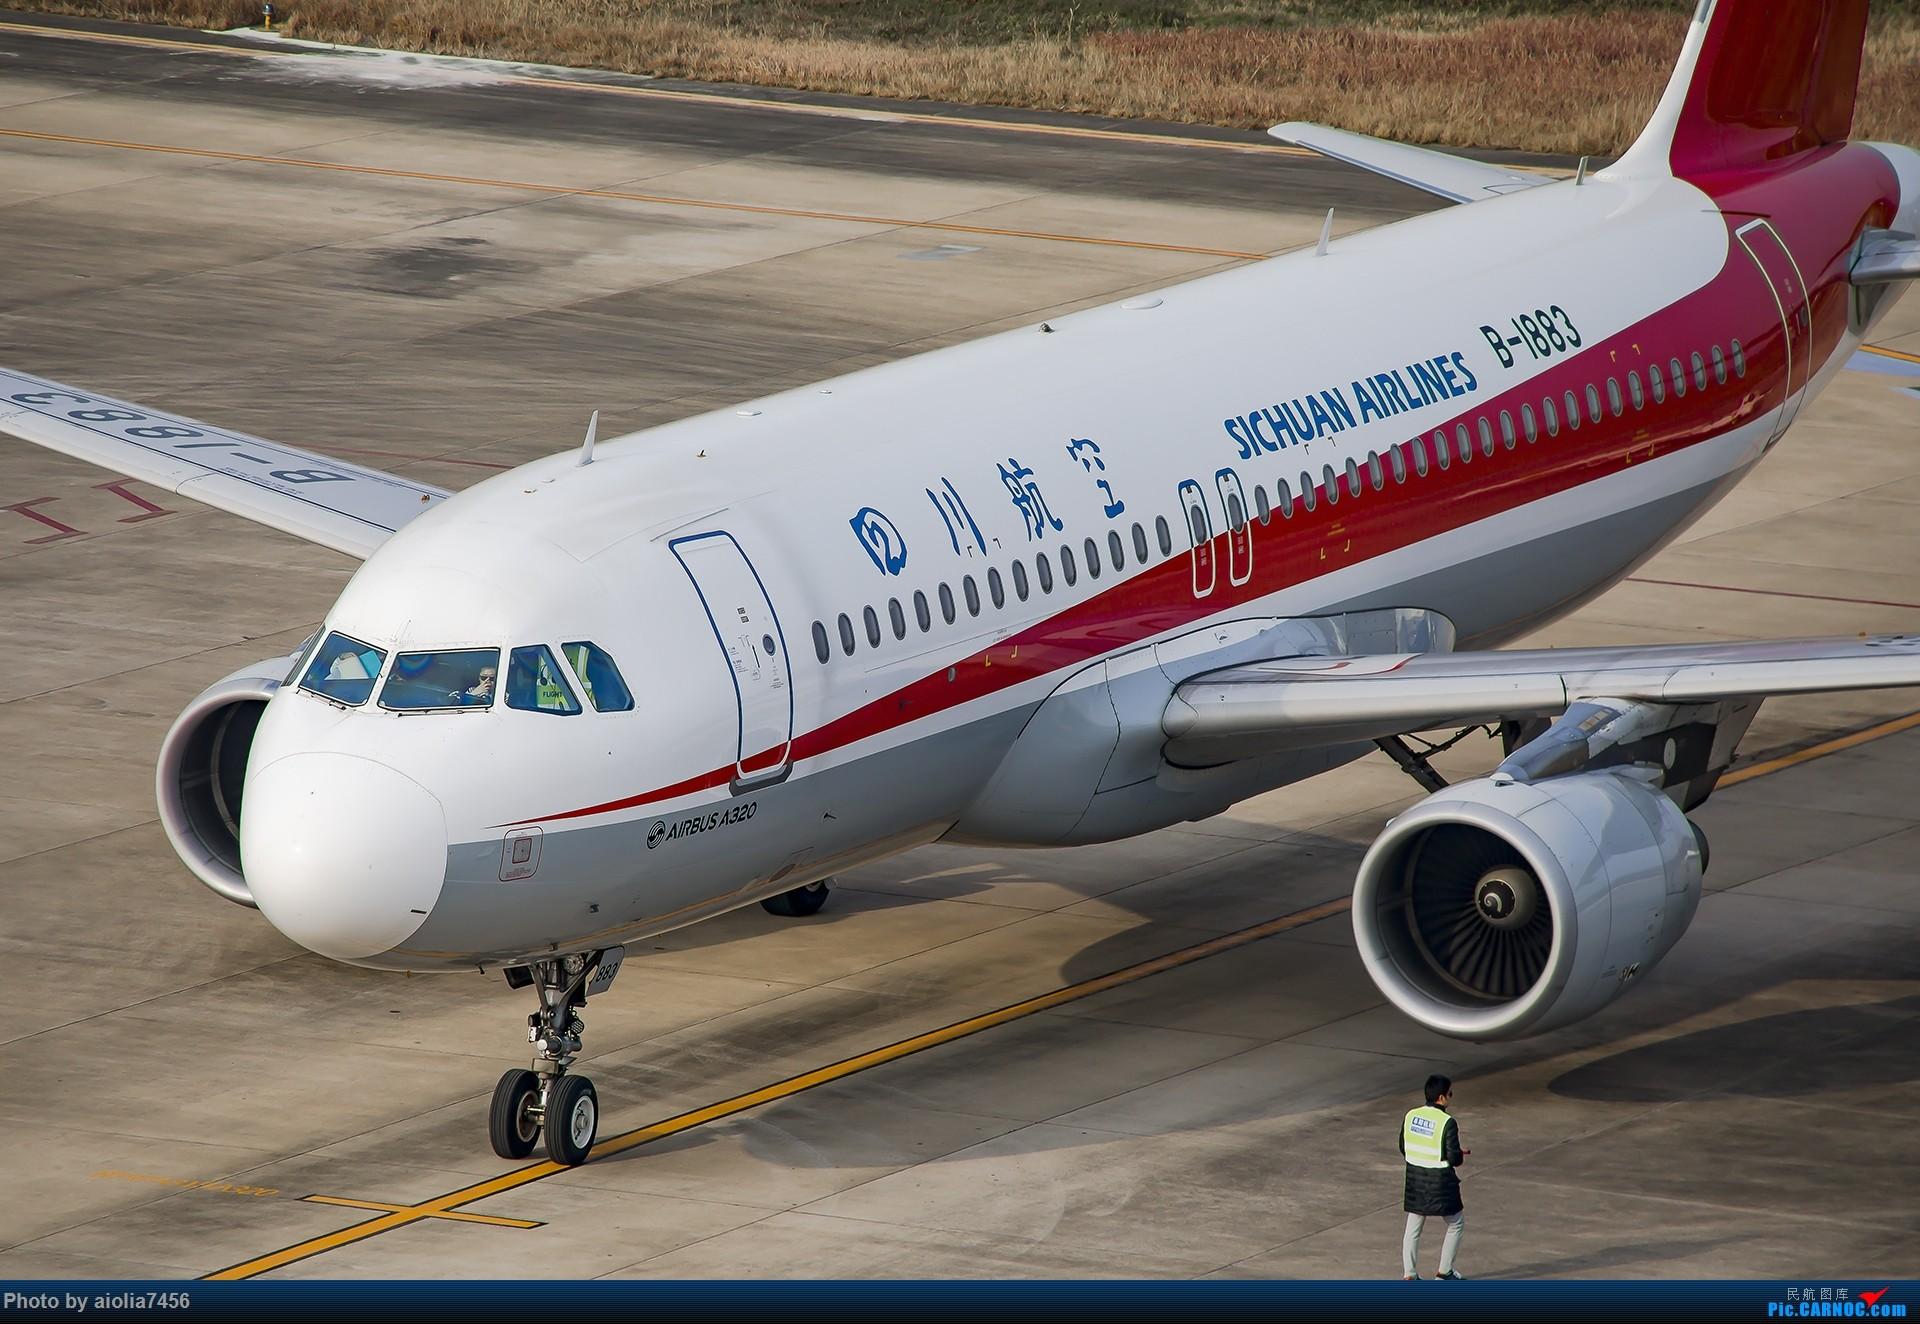 Re:[原创]【霸都打机队】换了机器后的第一帖-安徽小机场之旅 AIRBUS A320-200 B-1883 中国阜阳西关机场